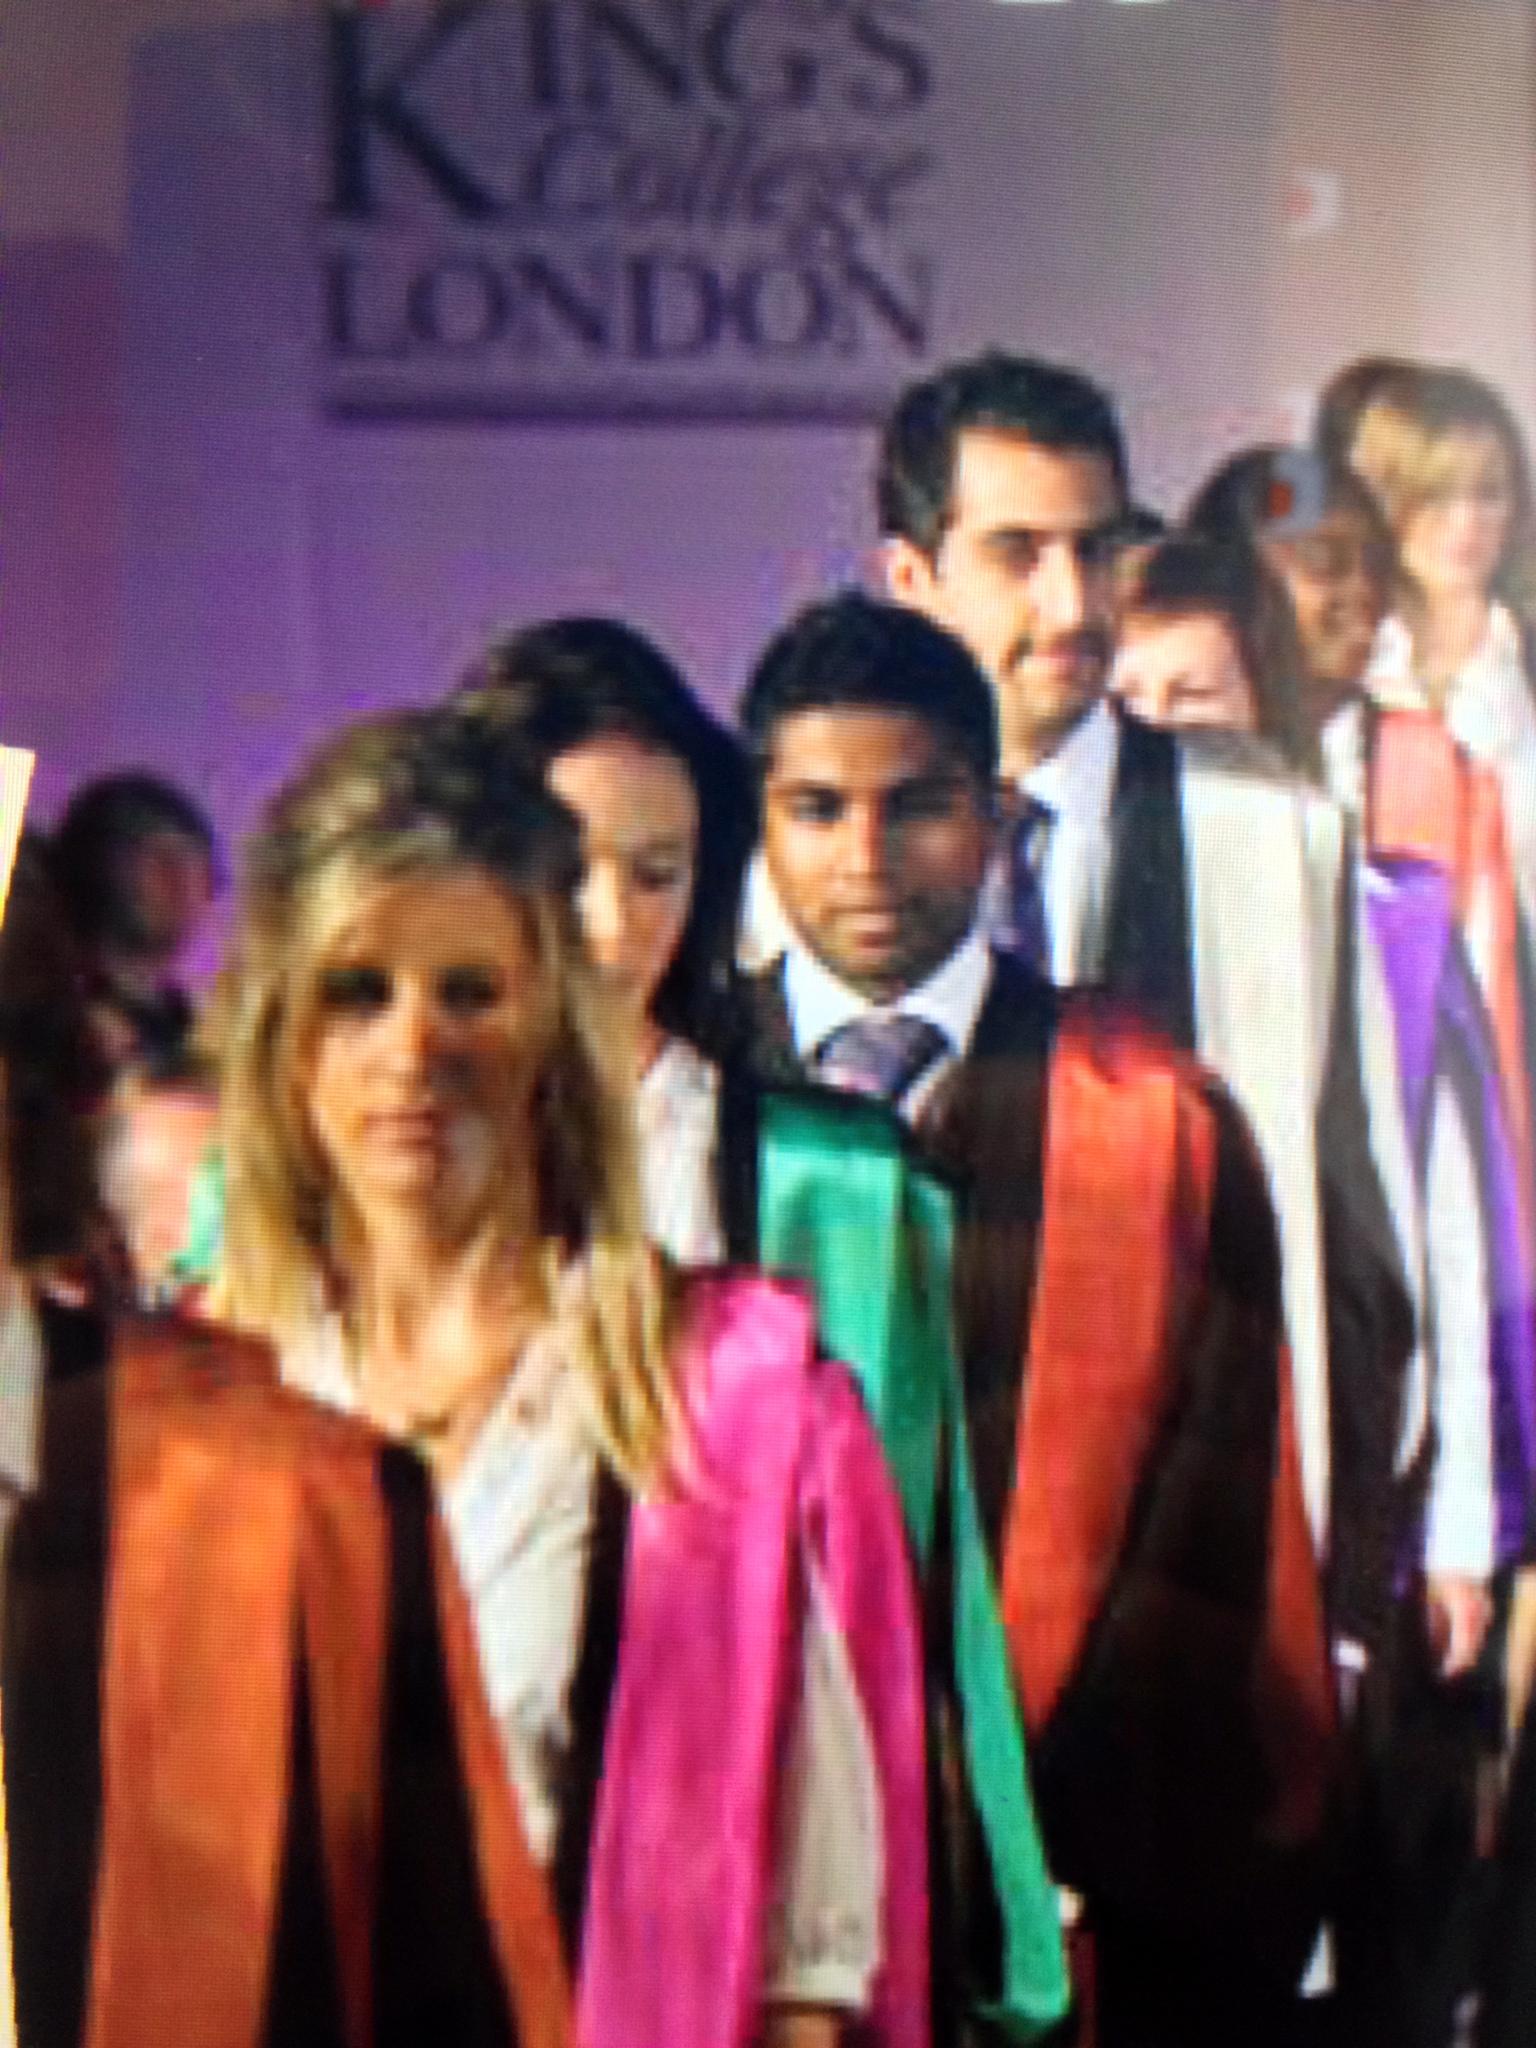 dress - University open graduation what to wear video